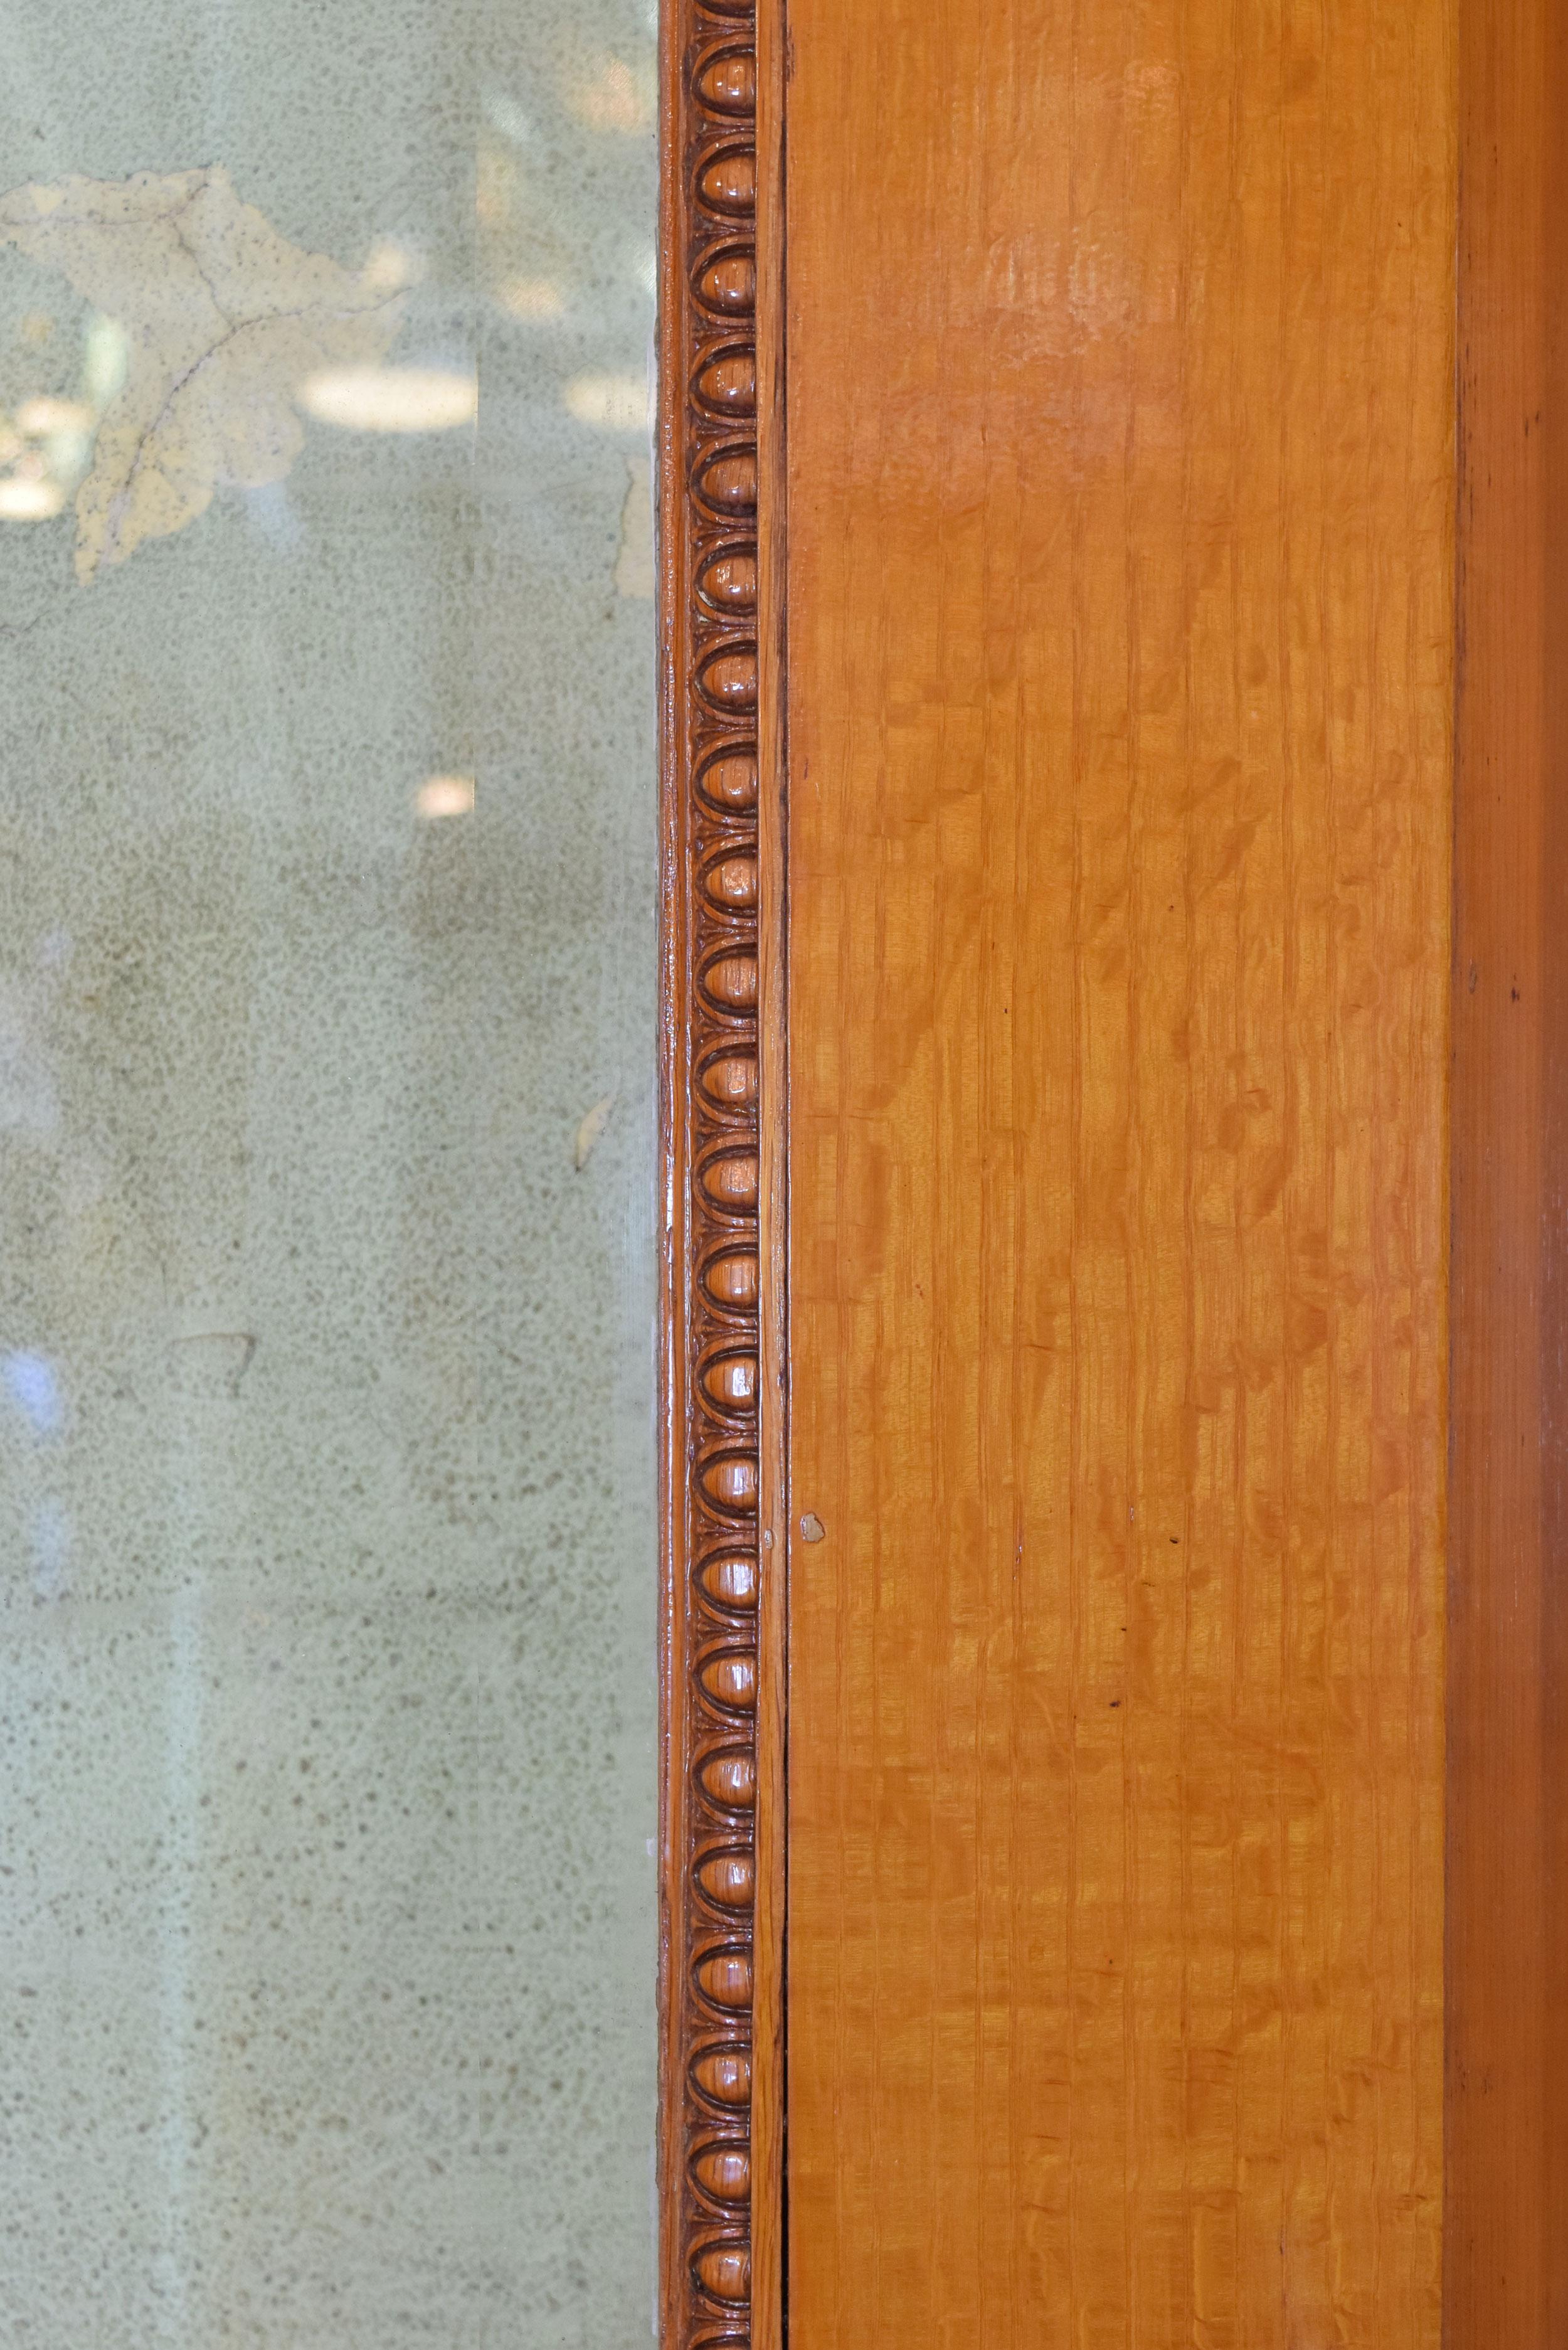 47023-full-view-victorian-ext.-door-wood-detail.jpg